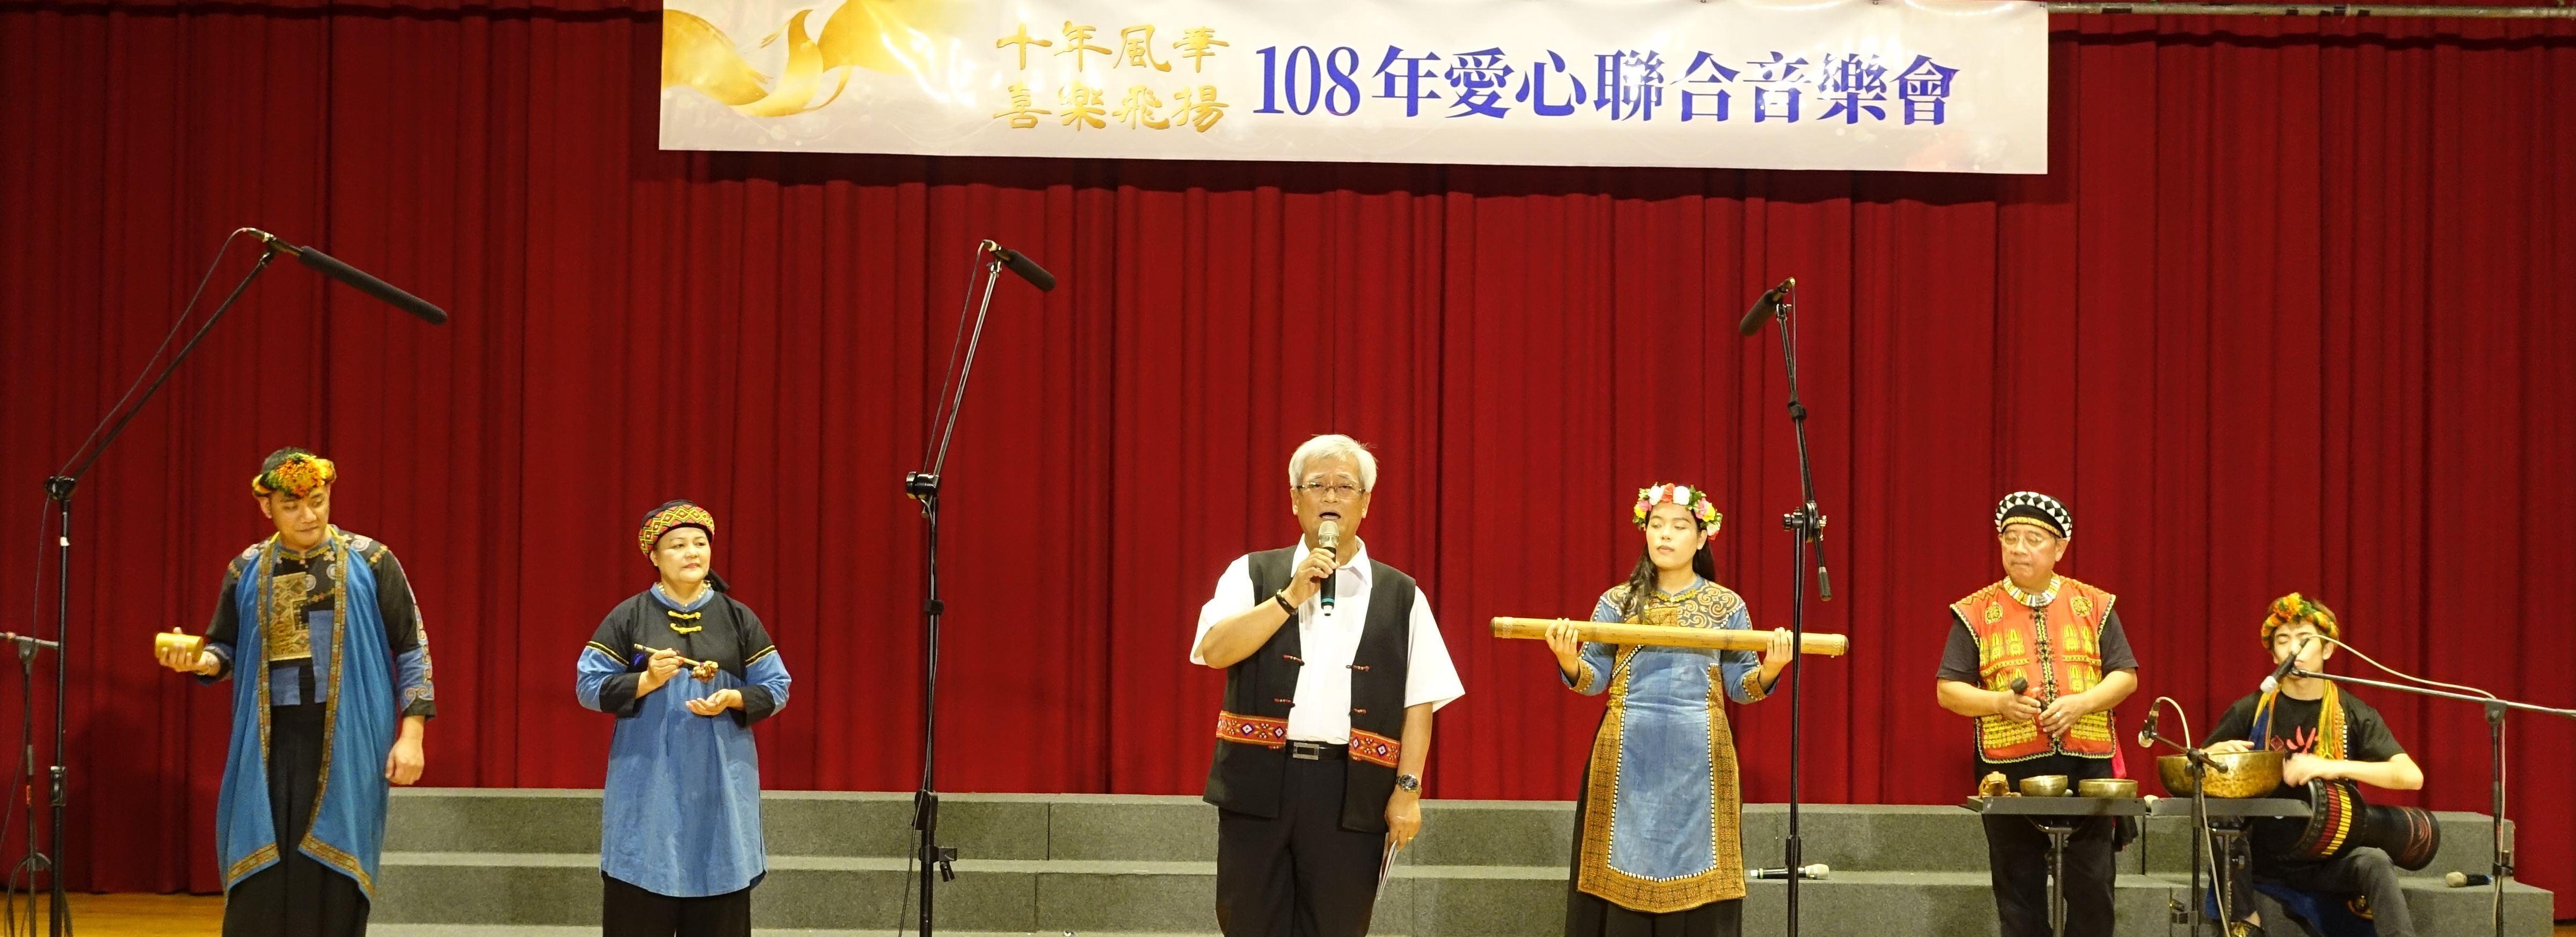 108年11月2日監察院副院長孫大川於第10屆愛心聯合音樂會獻唱